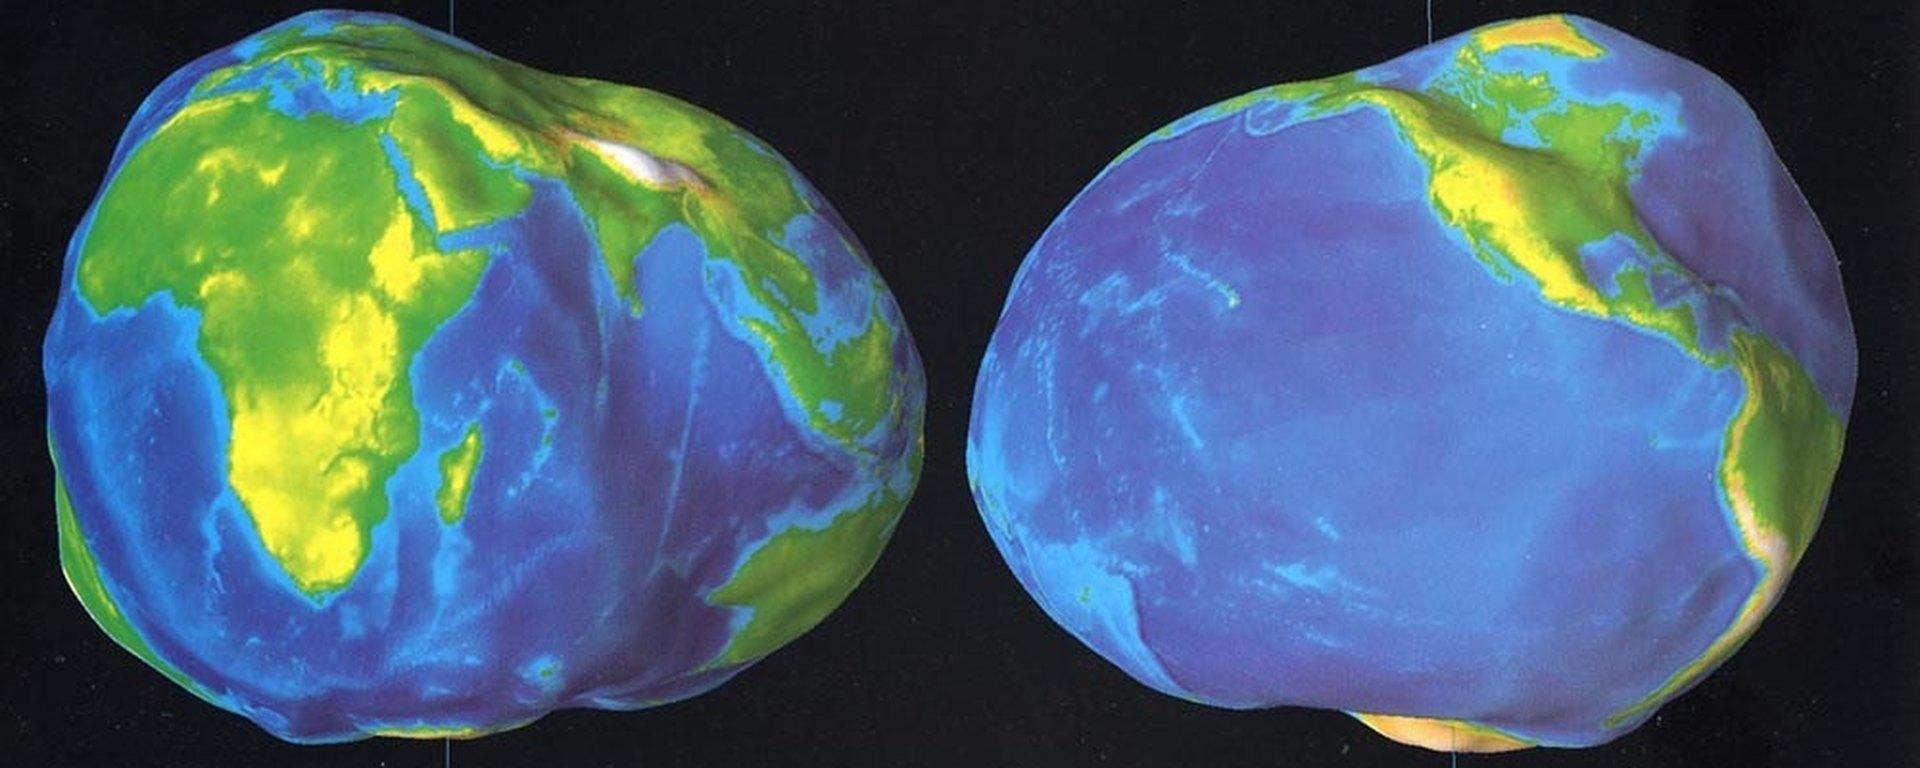 Какая в действительности форма у Земли и почему